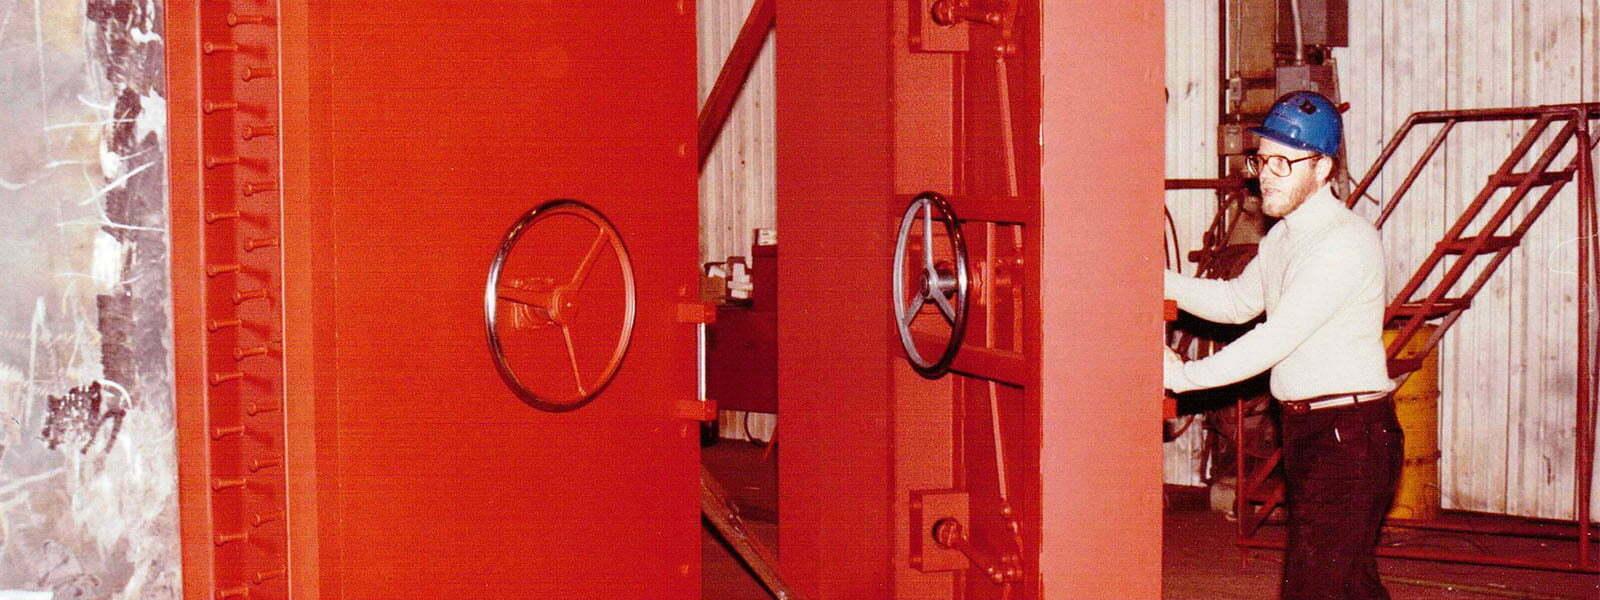 Blast Resistant Doors Electric Power Door Since 1923